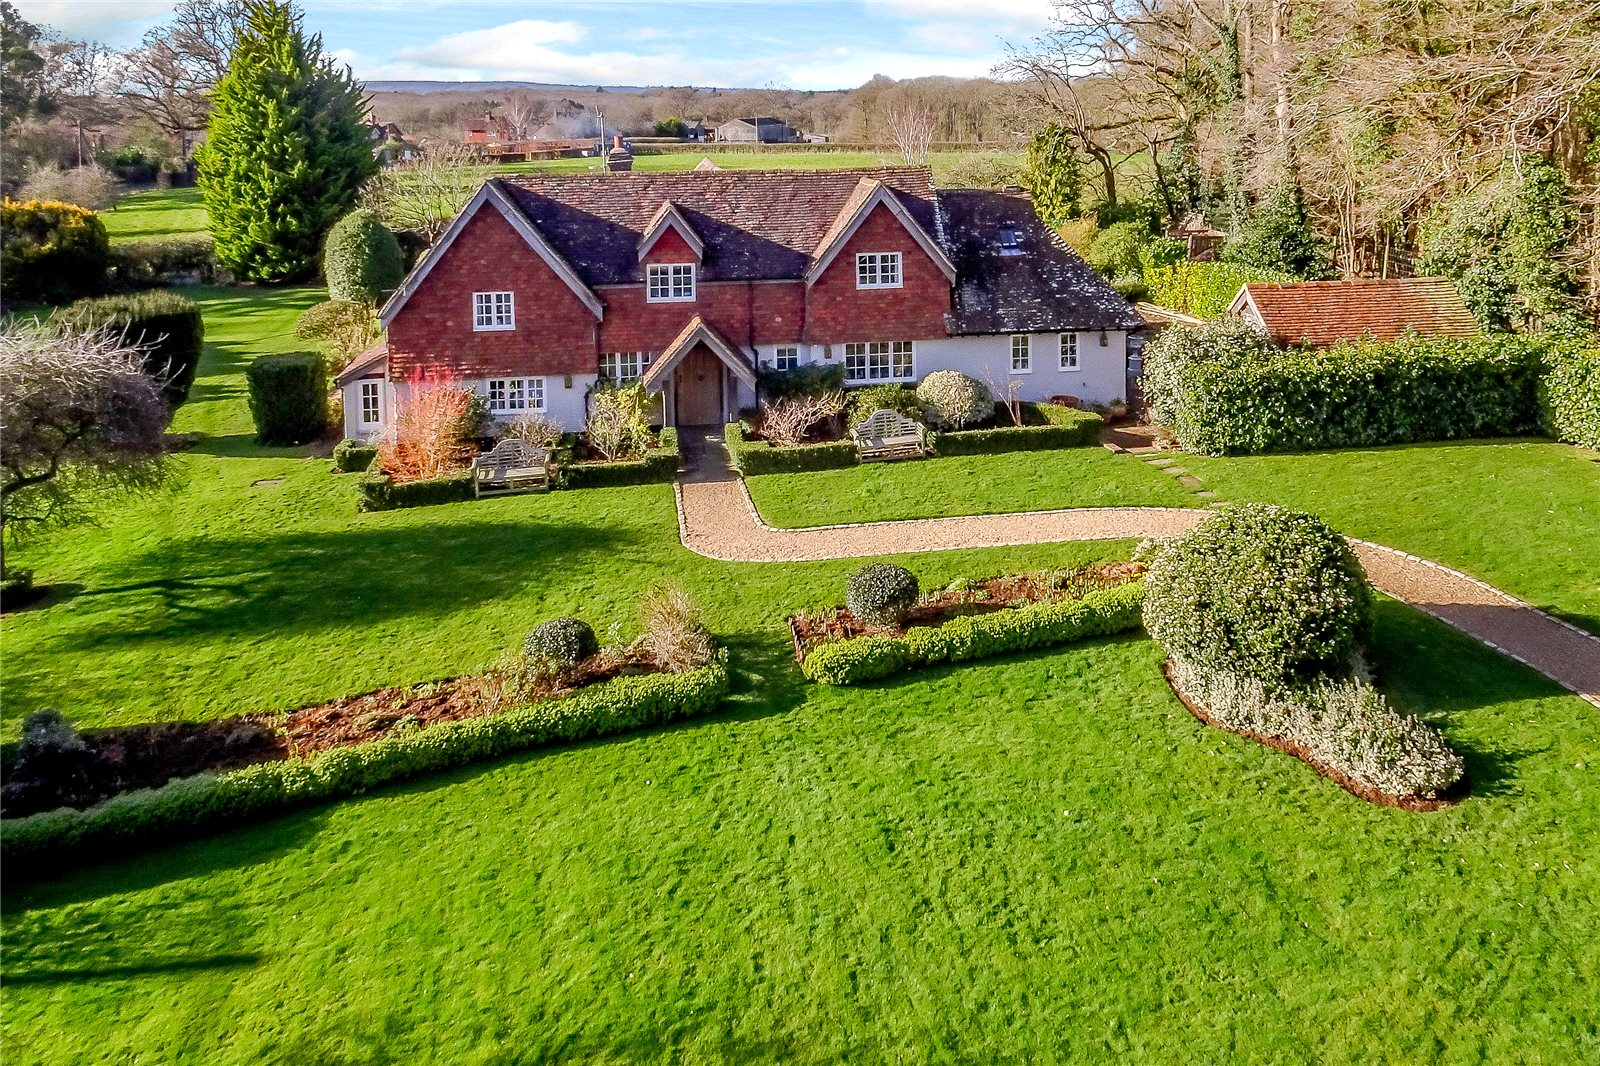 Maison unifamiliale pour l Vente à Hurlands Lane, Dunsfold, Godalming, Surrey, GU8 Godalming, Angleterre